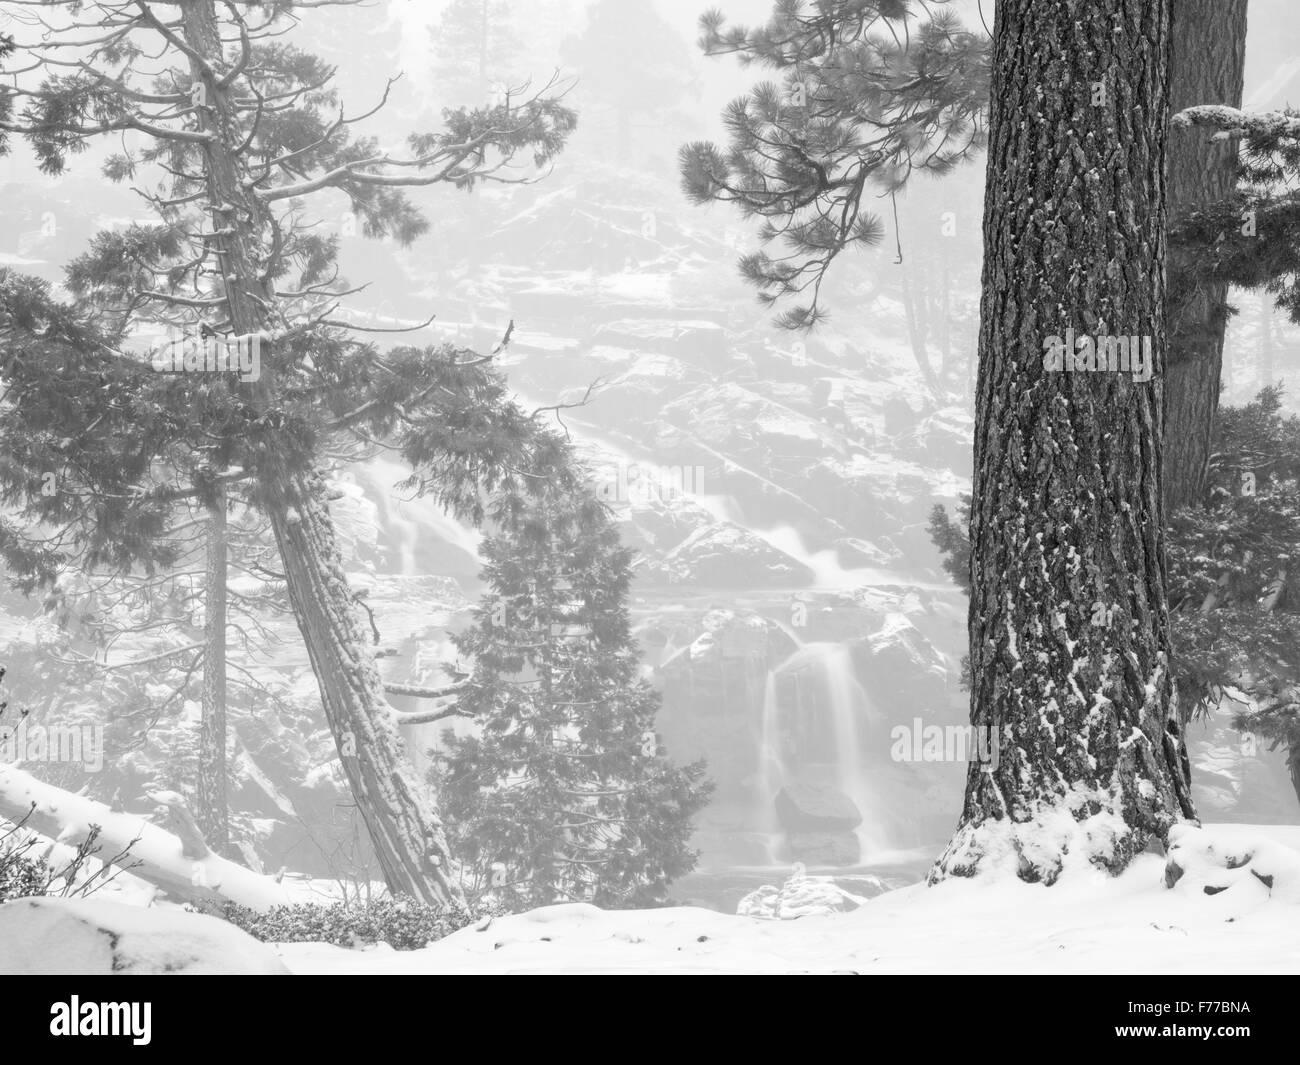 Glen Alpine cade pochi minuti dopo la caduta di neve fresca. Lake Tahoe, California Immagini Stock